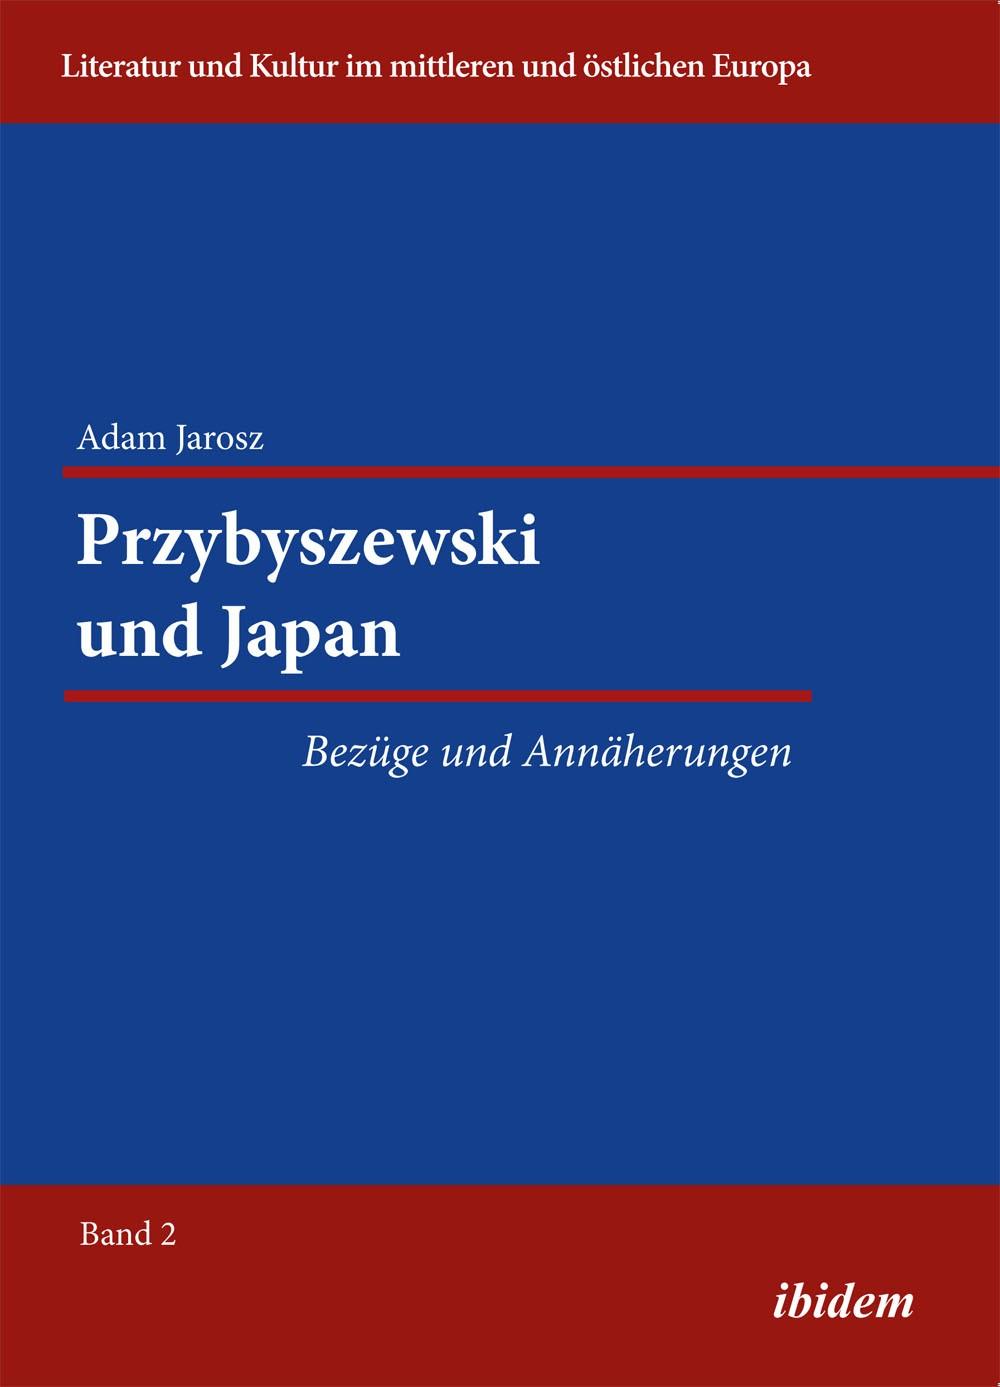 Przybyszewski und Japan